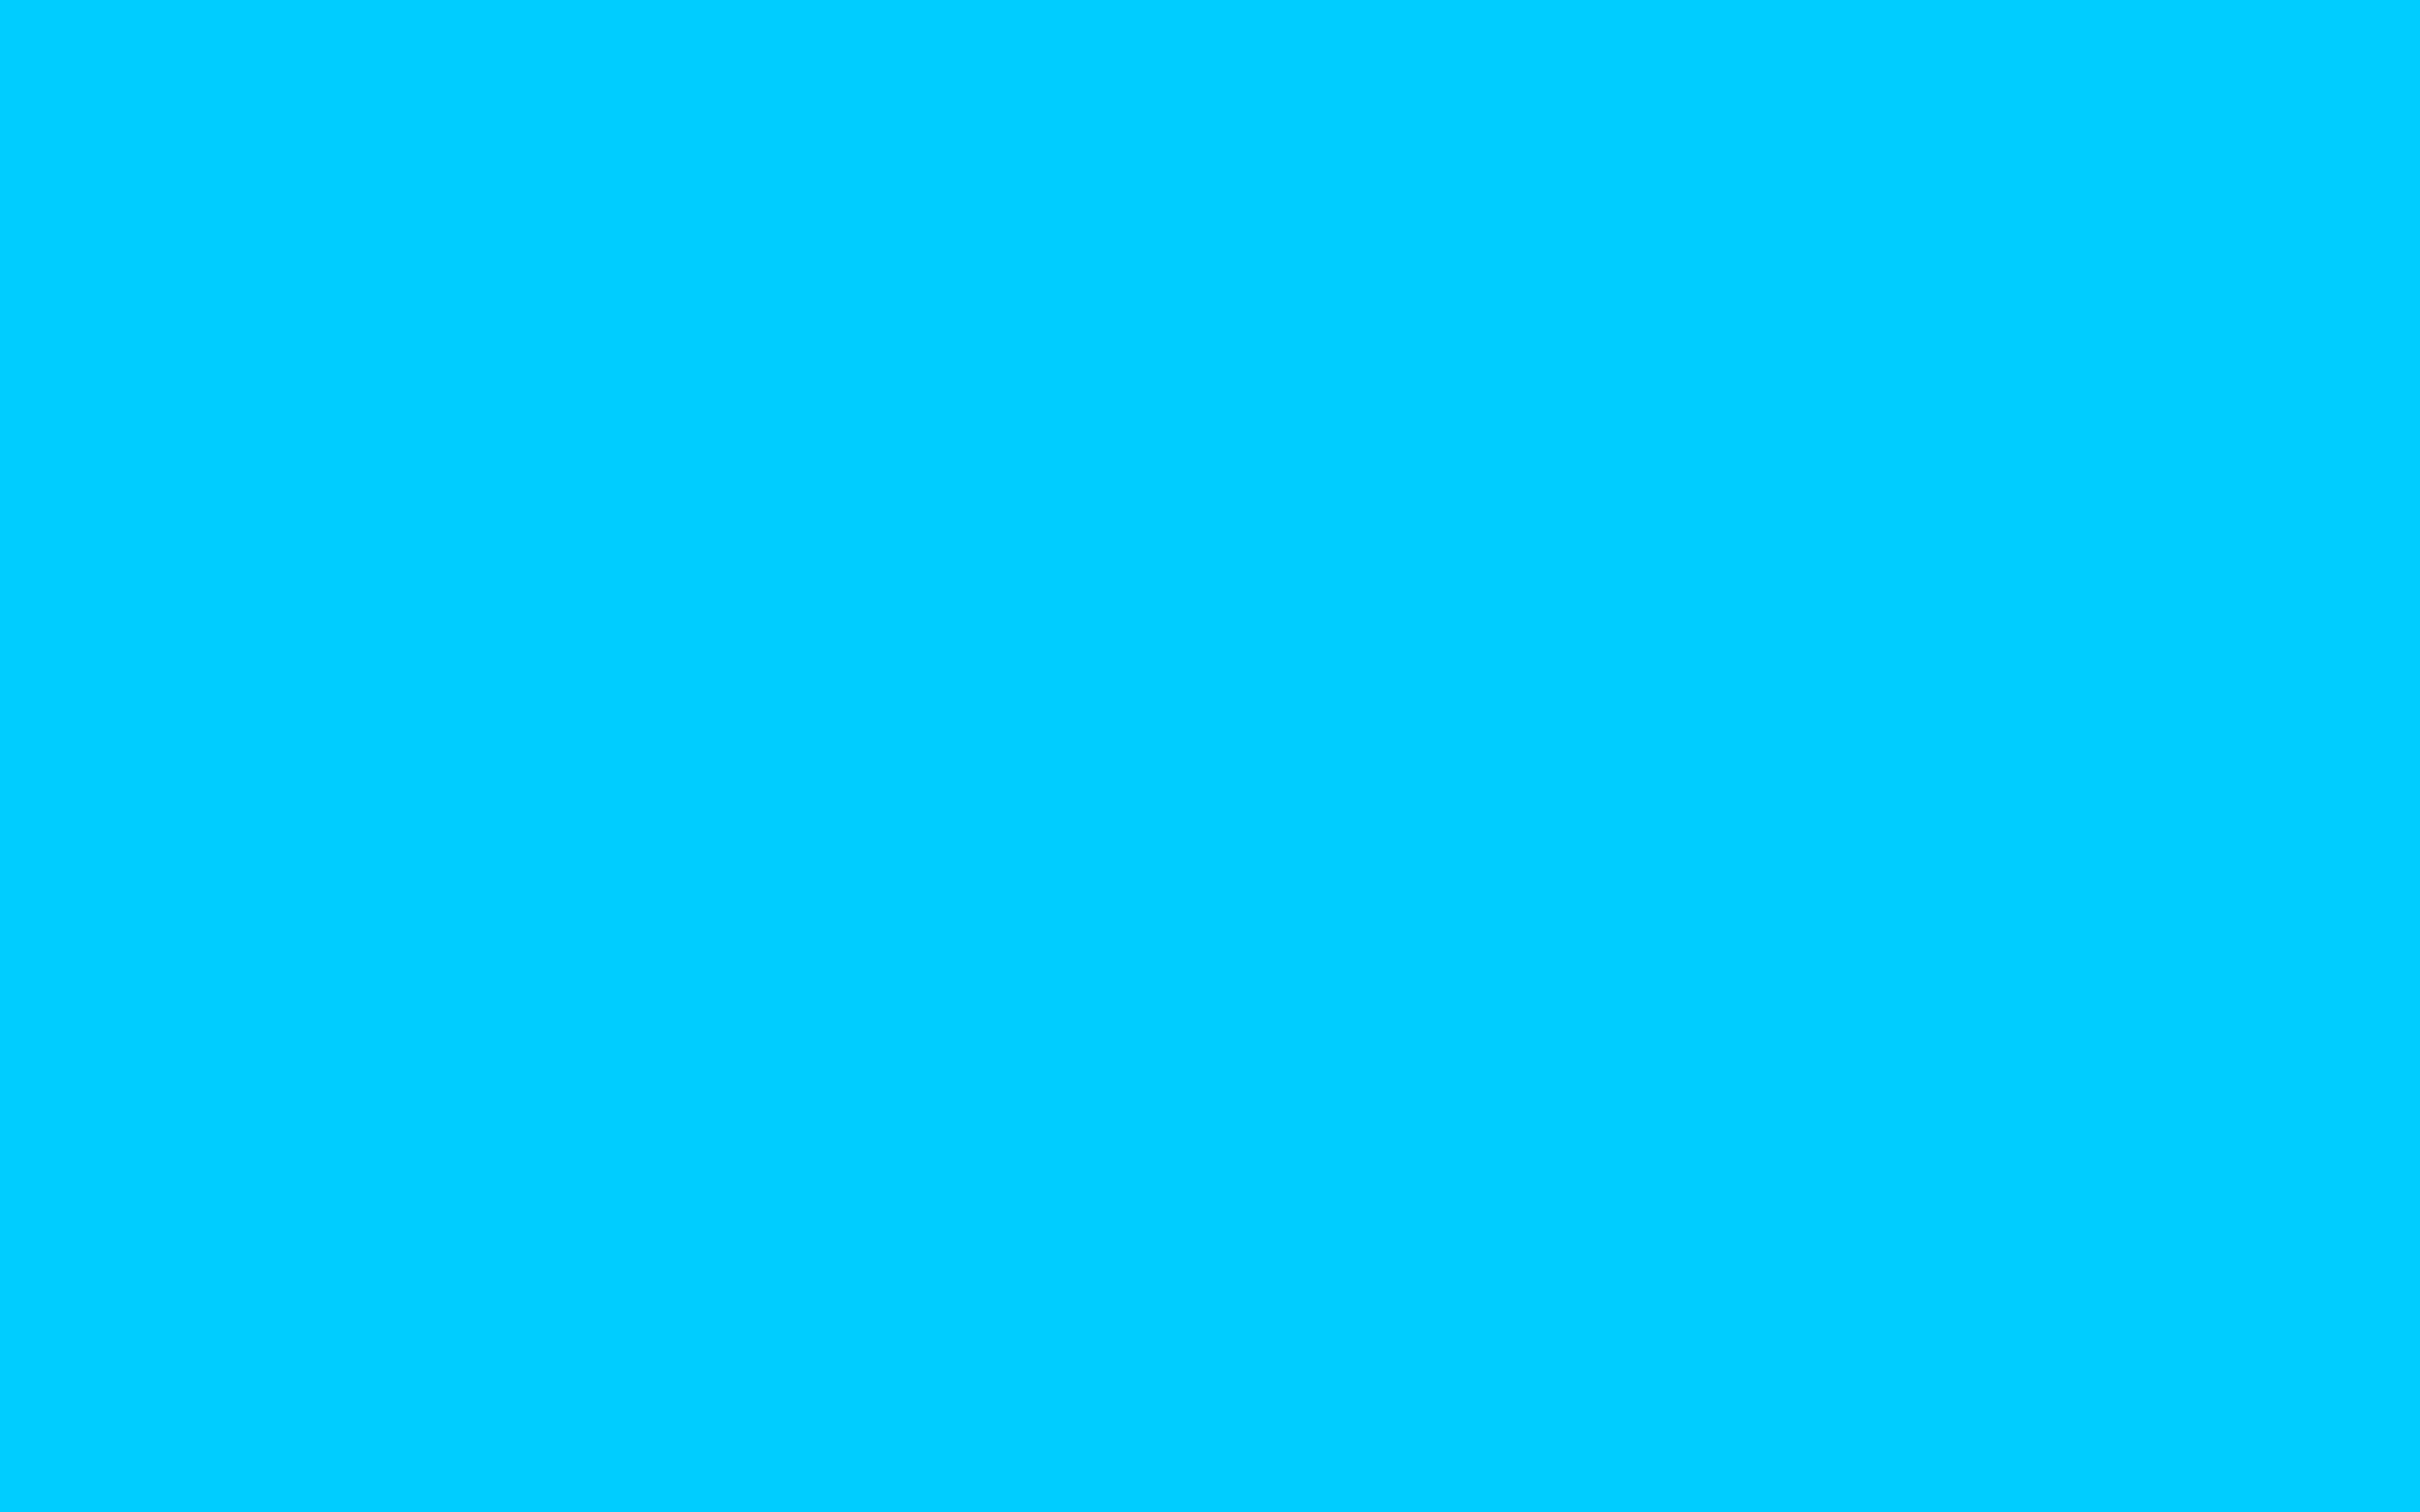 2560x1600 vivid sky blue solid color background. Black Bedroom Furniture Sets. Home Design Ideas